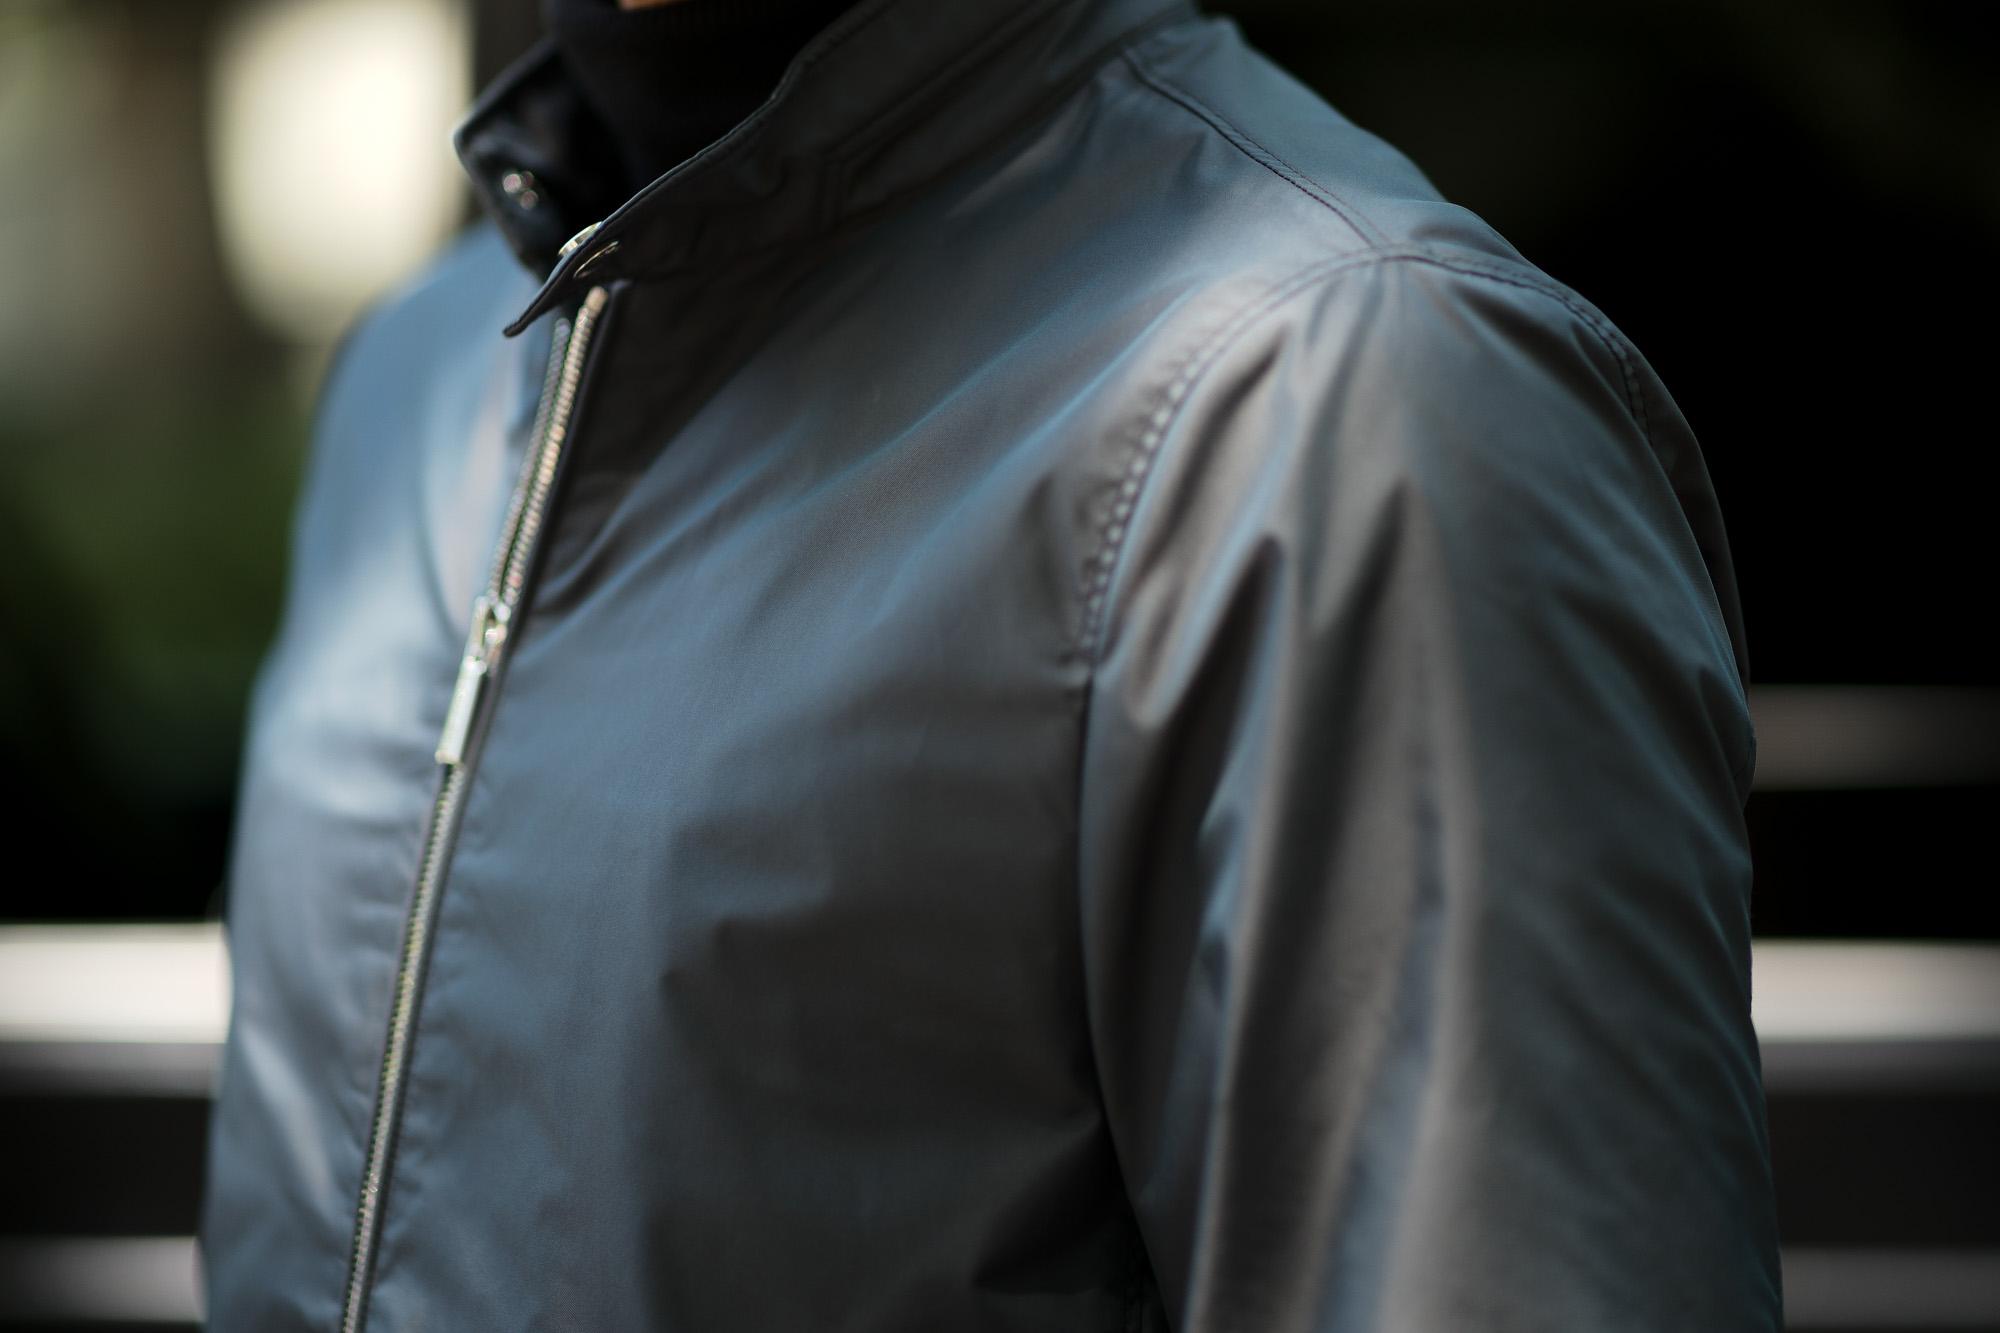 MOORER(ムーレー) VANGI-KM1(バンジー KM1) 258-11827 ナイロン シングル ライダースジャケット NERO(ブラック・08),MARMOTA(ブラウン・33),MARMO(グレージュ・32)  Made in italy (イタリア製)  2020春夏 【ご予約受付中】愛知 名古屋 altoediritto アルトエデリット